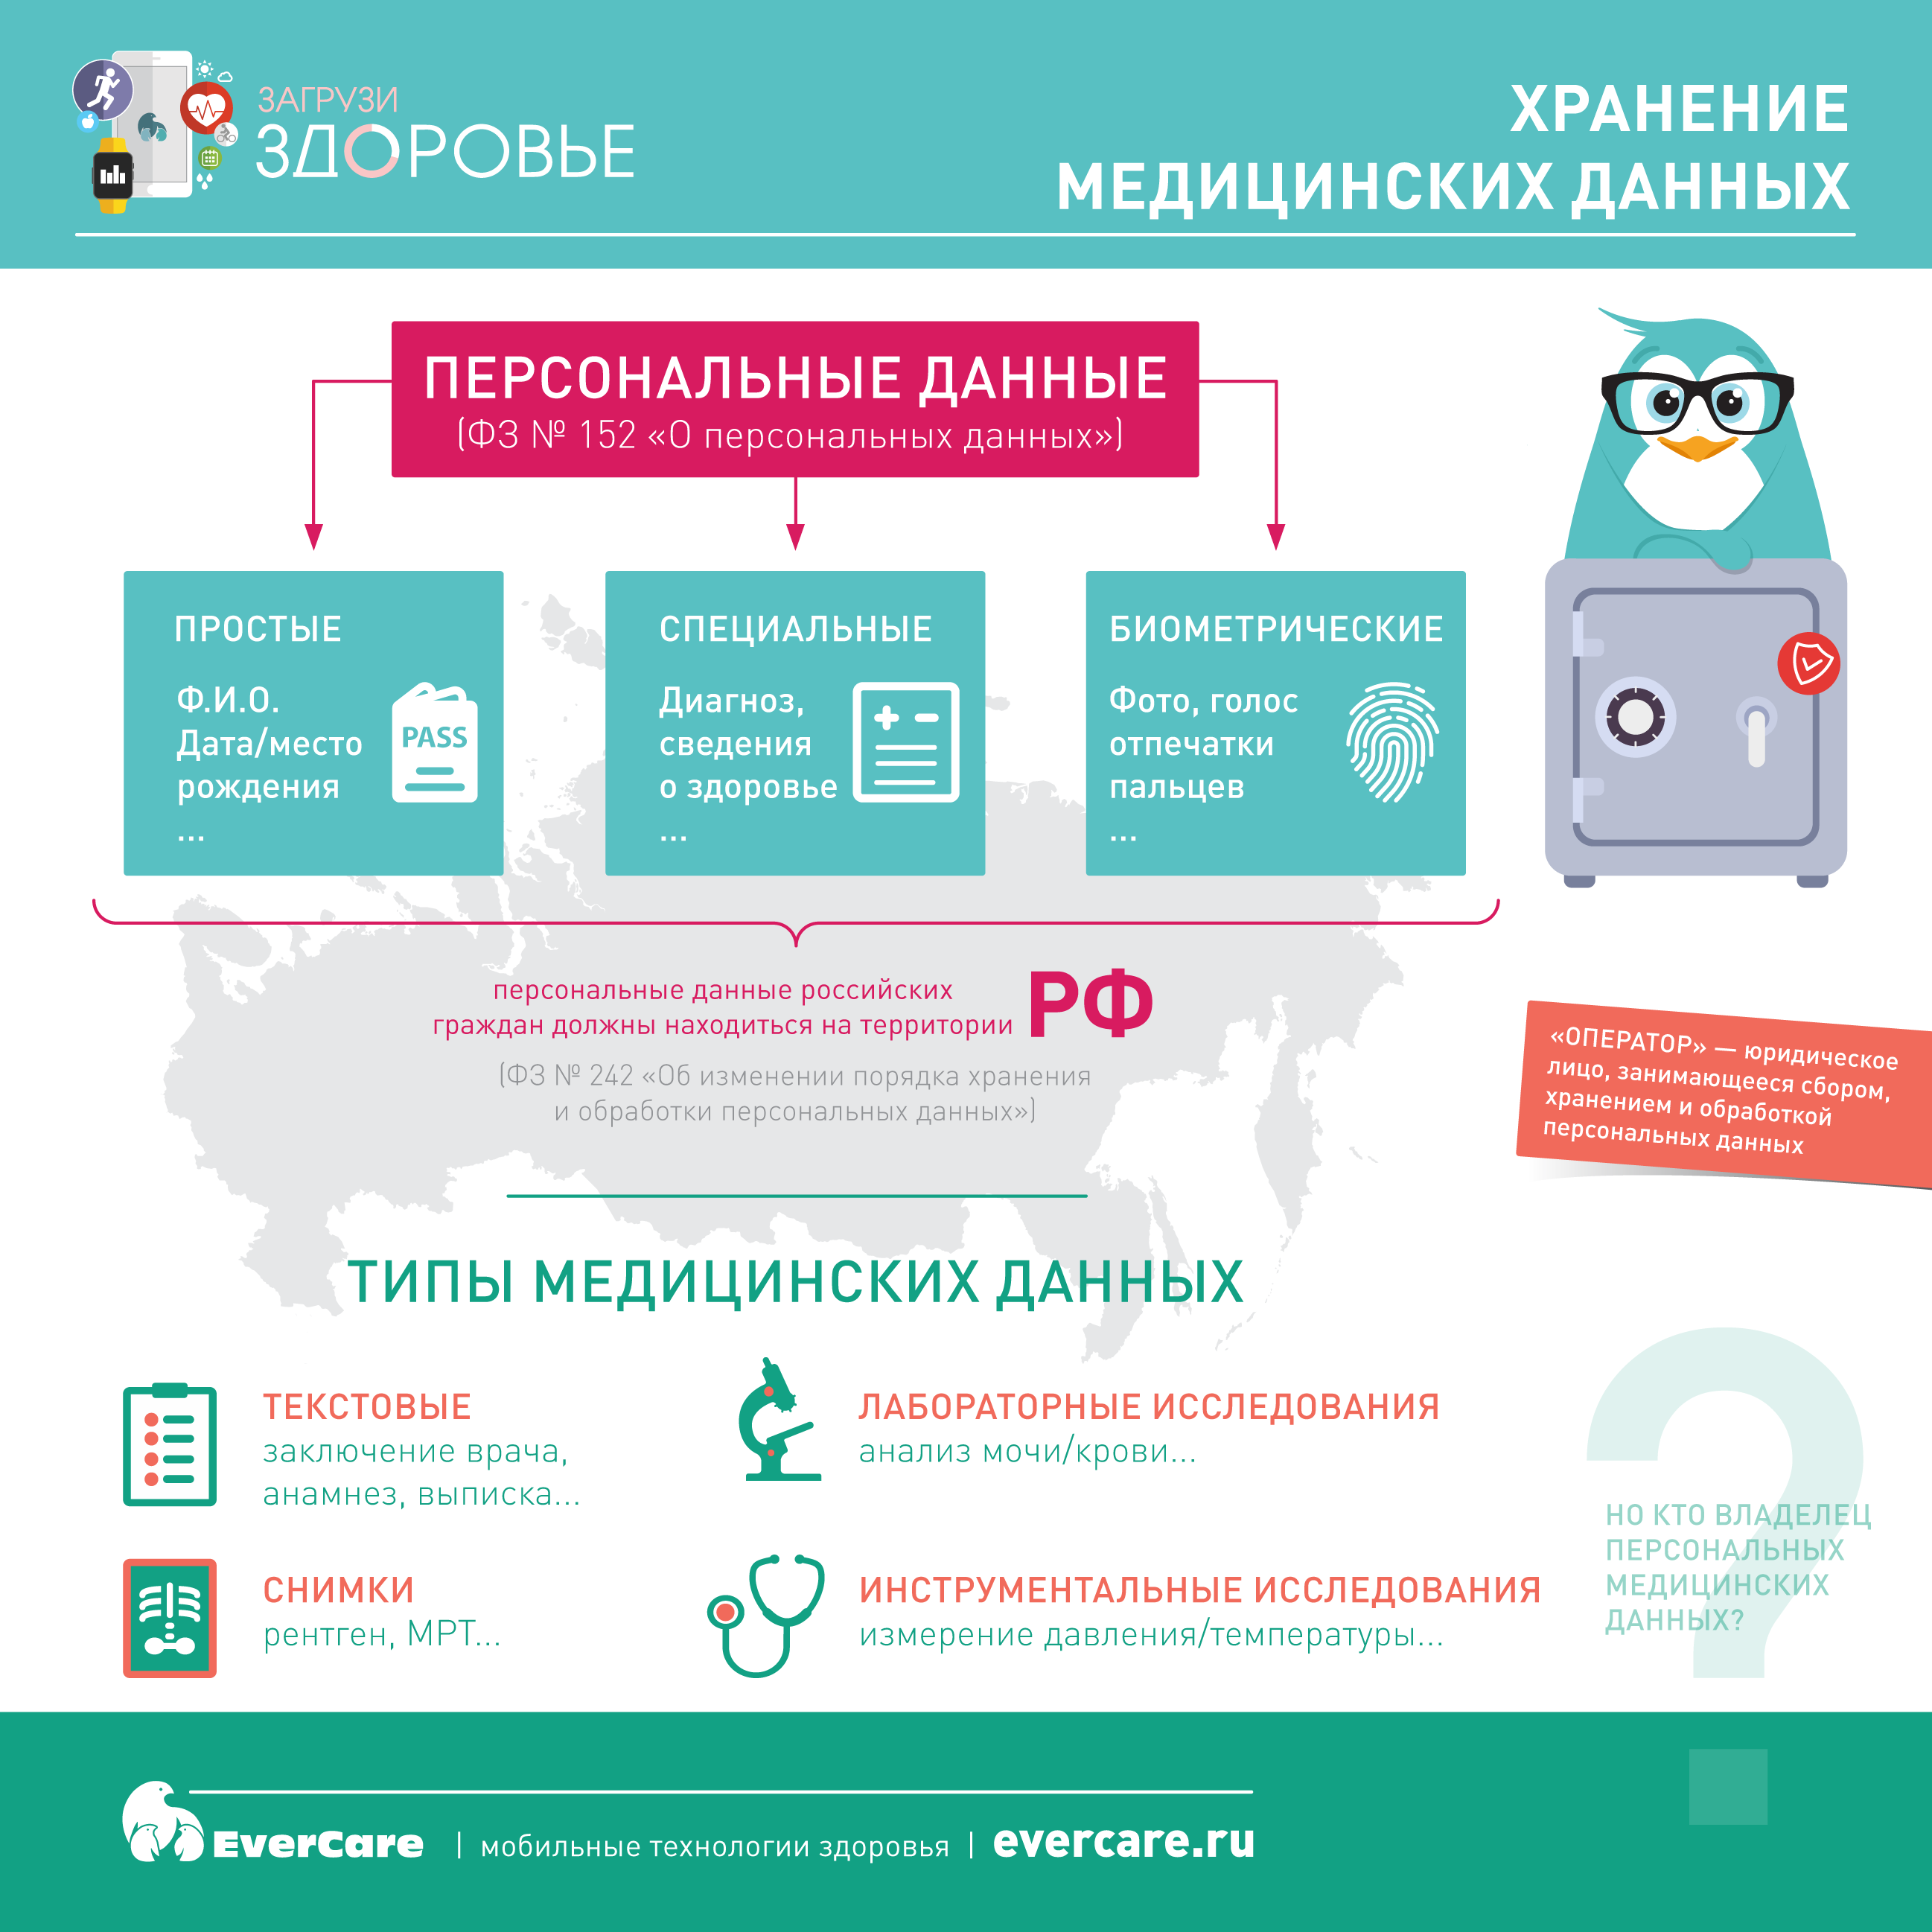 Хранение медицинских данных, Инфографика